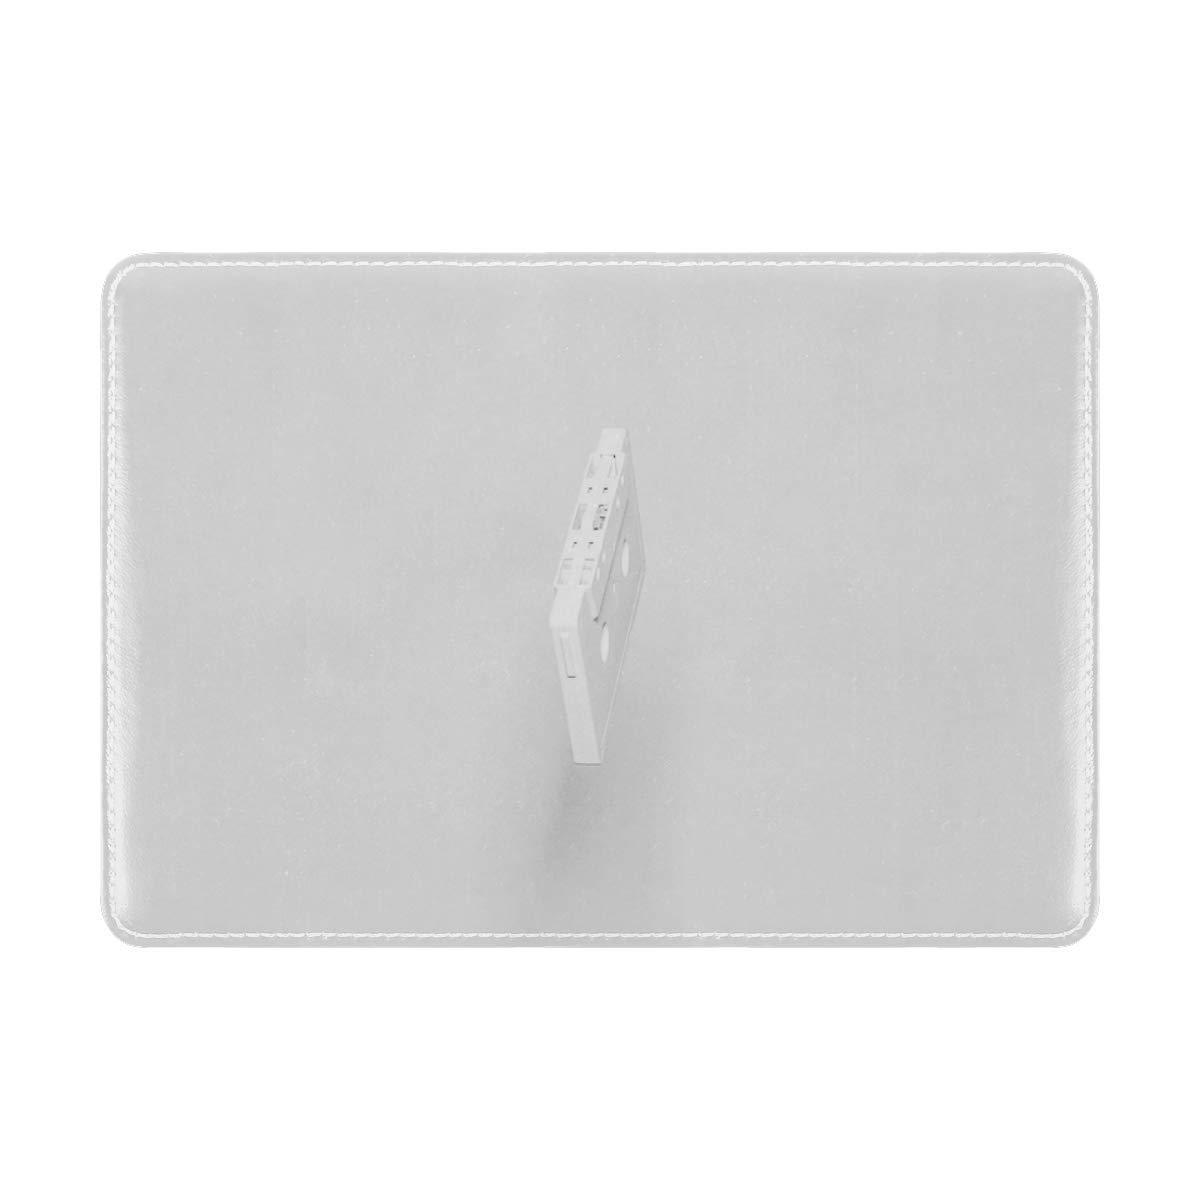 Audio Cassette Cassette White Leather Passport Holder Cover Case Travel One Pocket